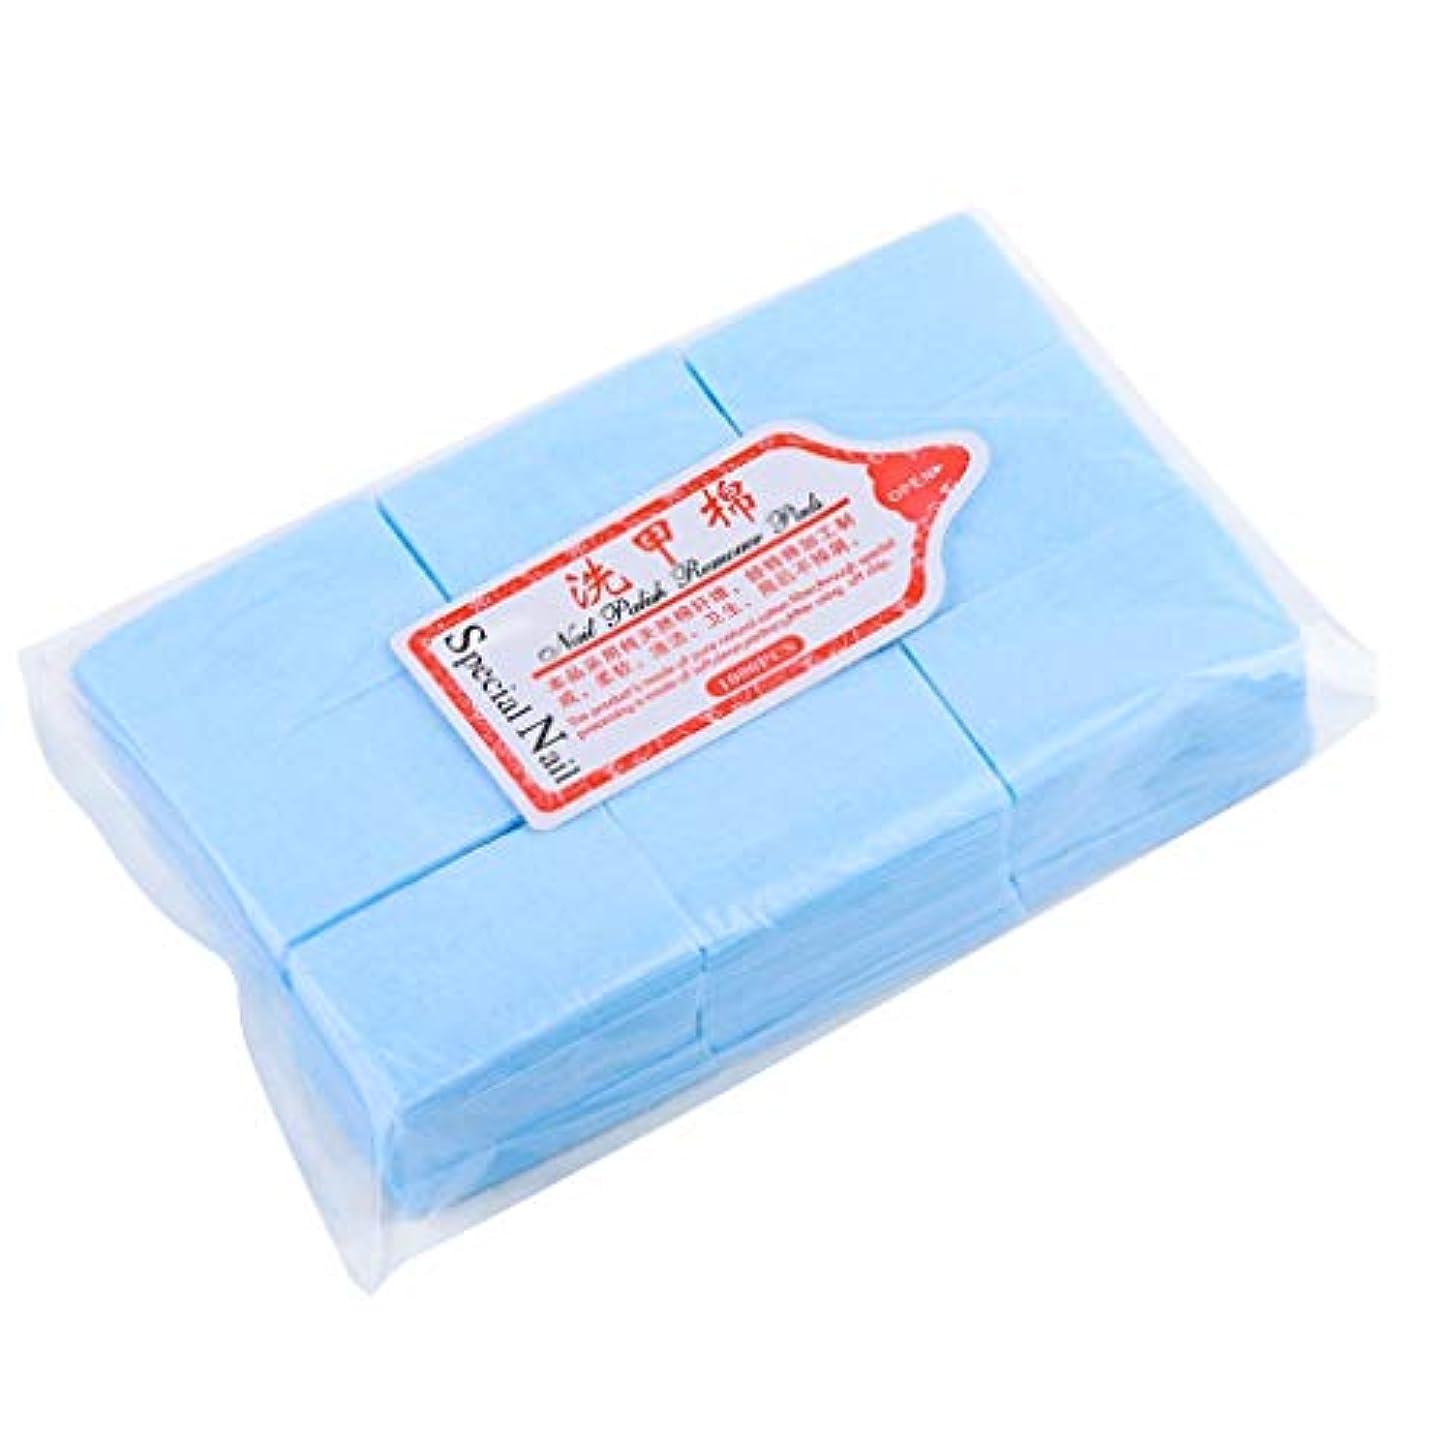 討論ショッキング鷲DYNWAVE ネイルアート コットンパッド メイクアップリムーバー 無アレルギー性 透過性 吸湿性 全4色 - ブルー